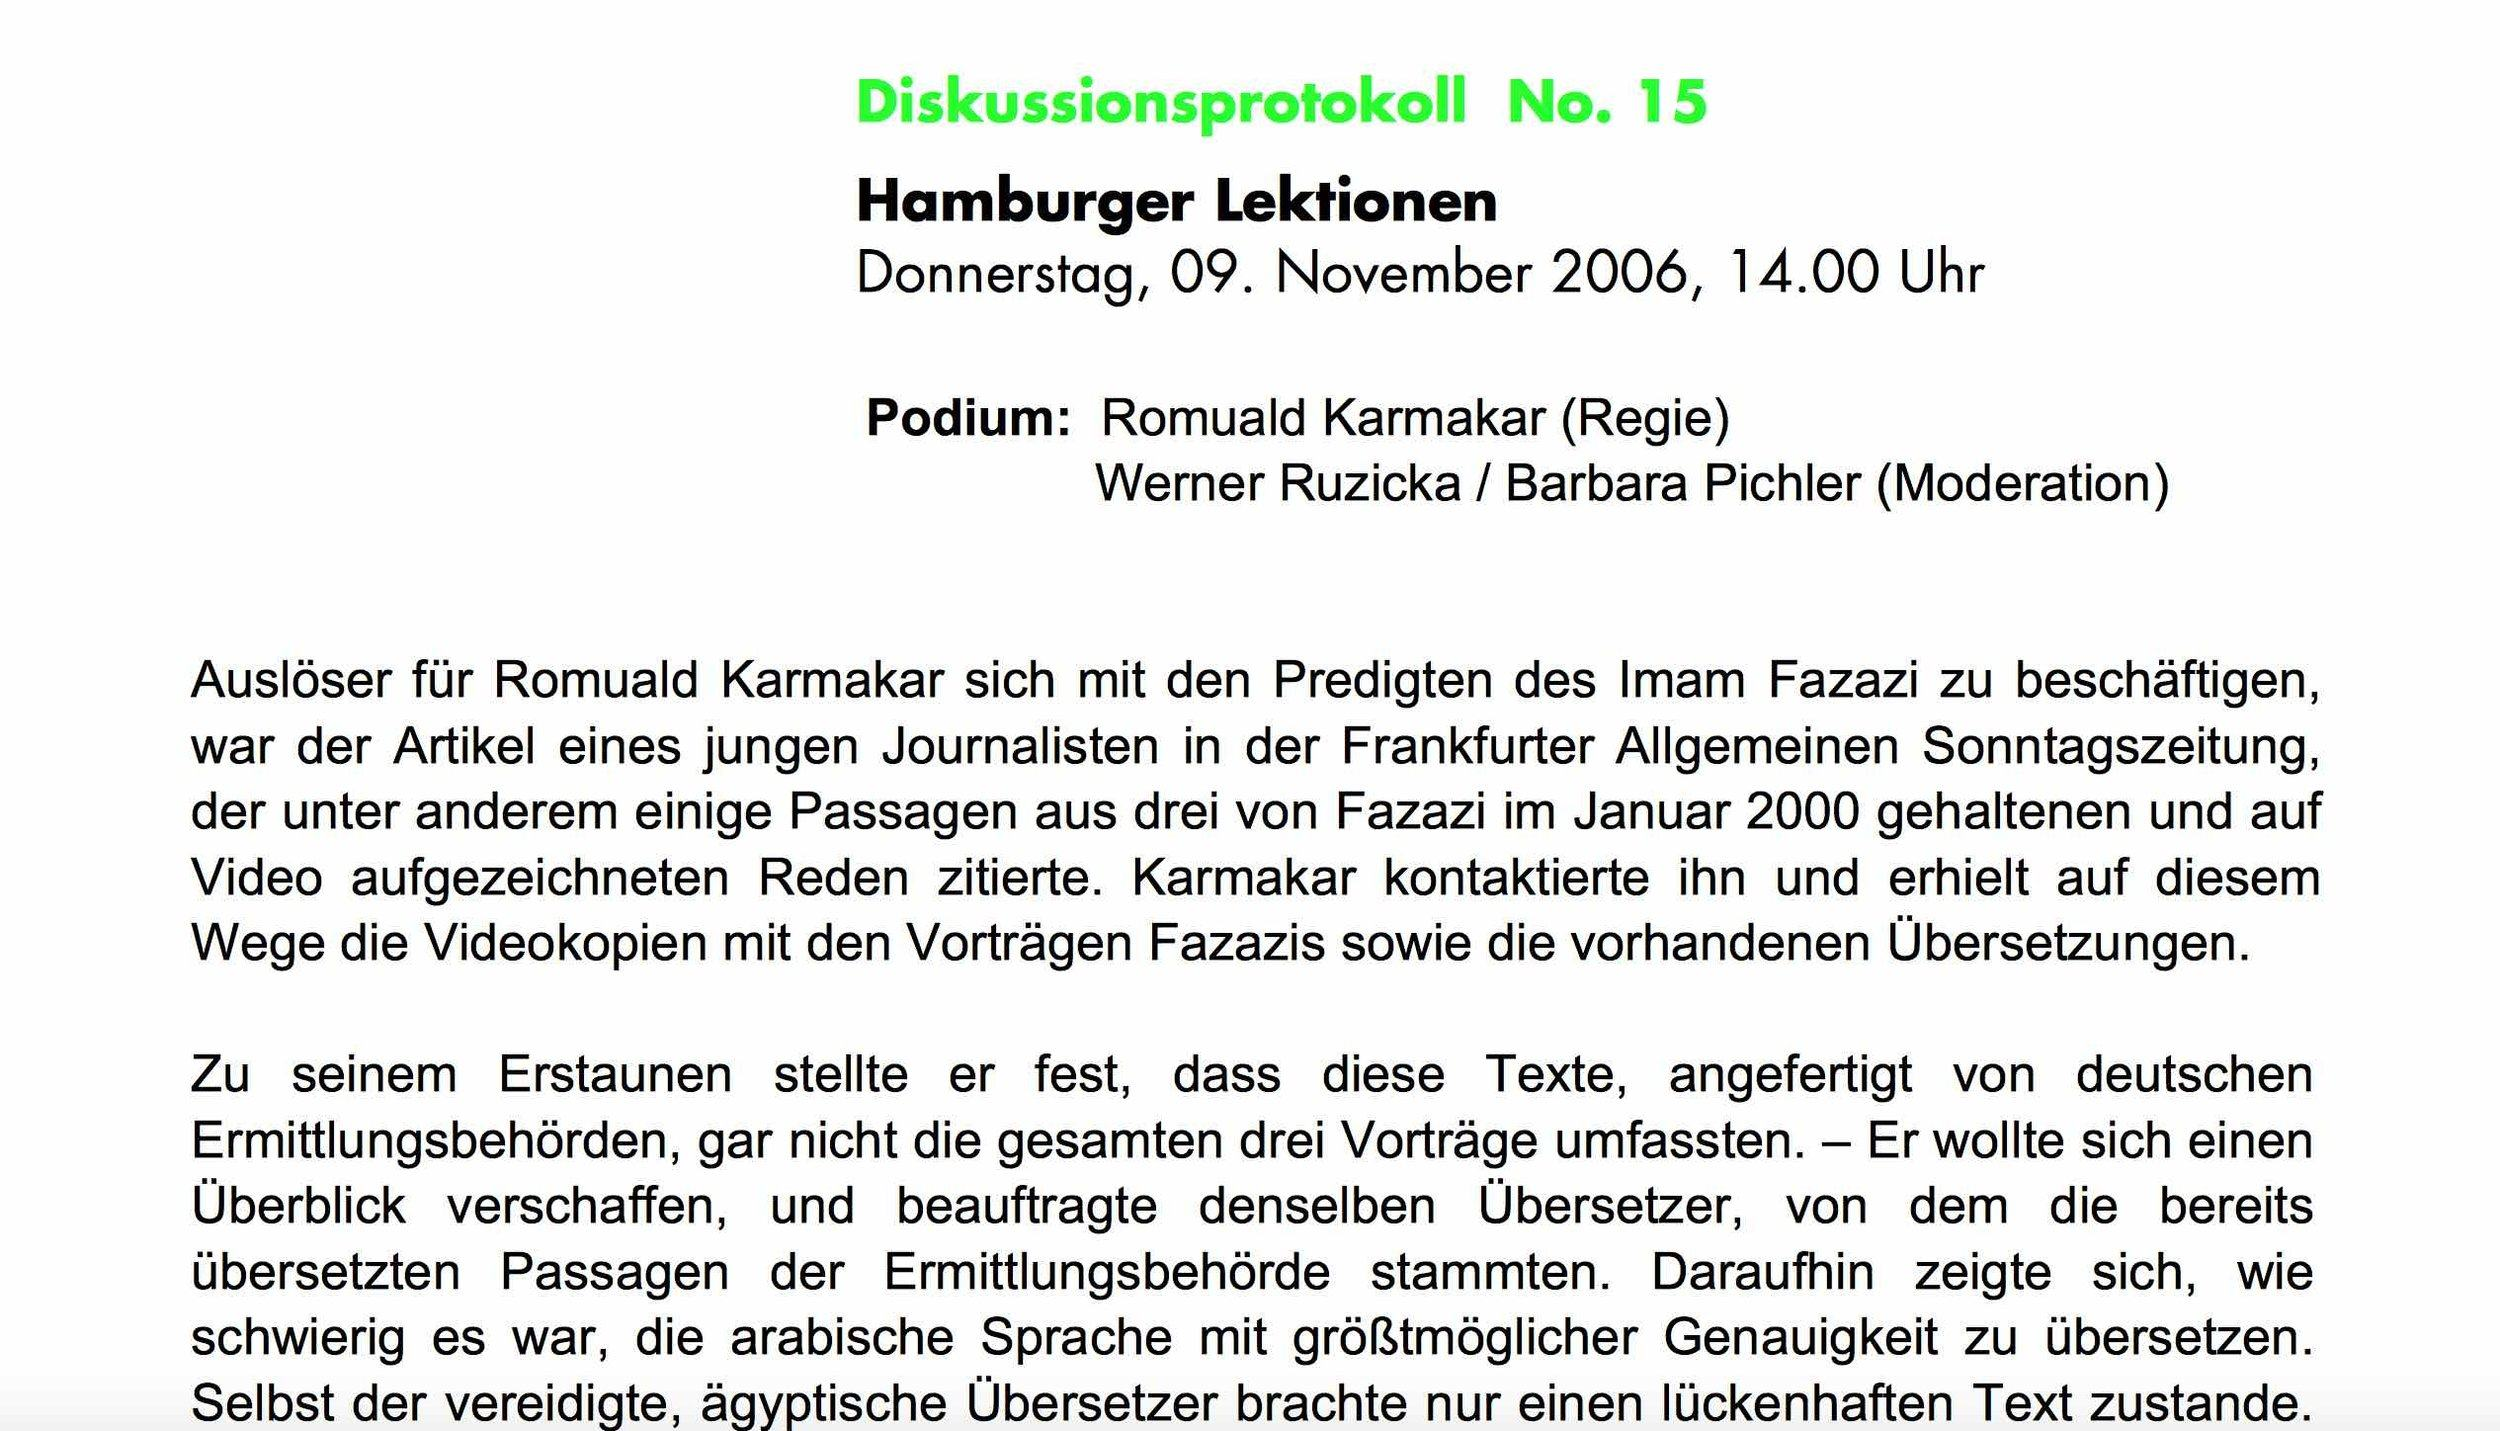 HAMBURGER LEKTIONEN / 30. DUISBURGER FILMWOCHE